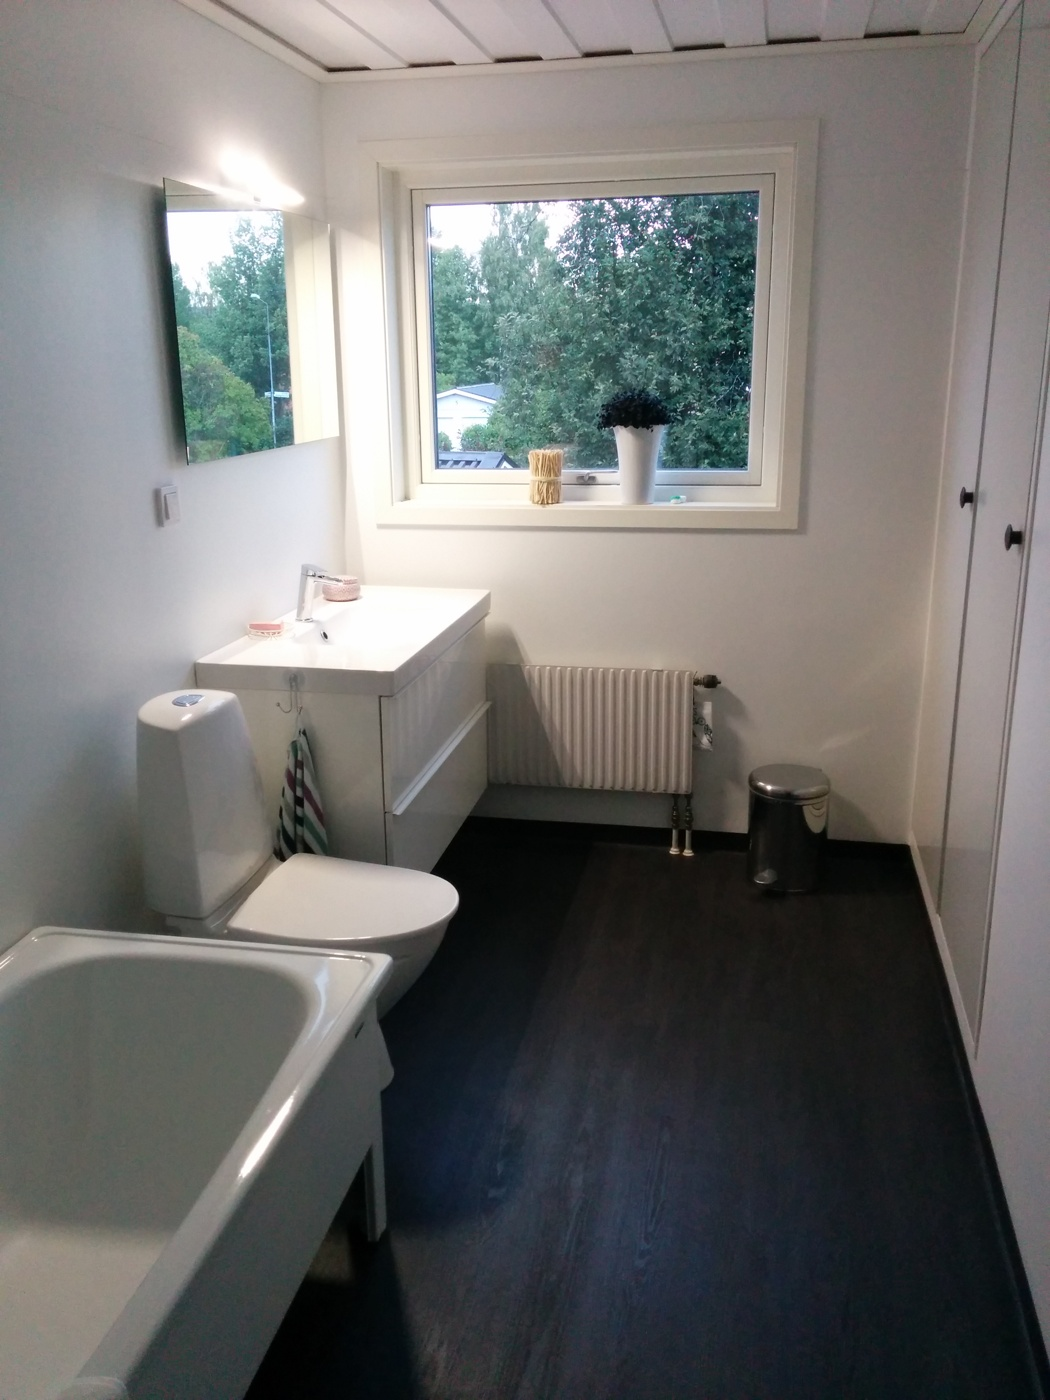 Inredning kakla på våtrumsmatta : Renovera badrum - Nybyggarna i SkellefteÃ¥ hjälper dig